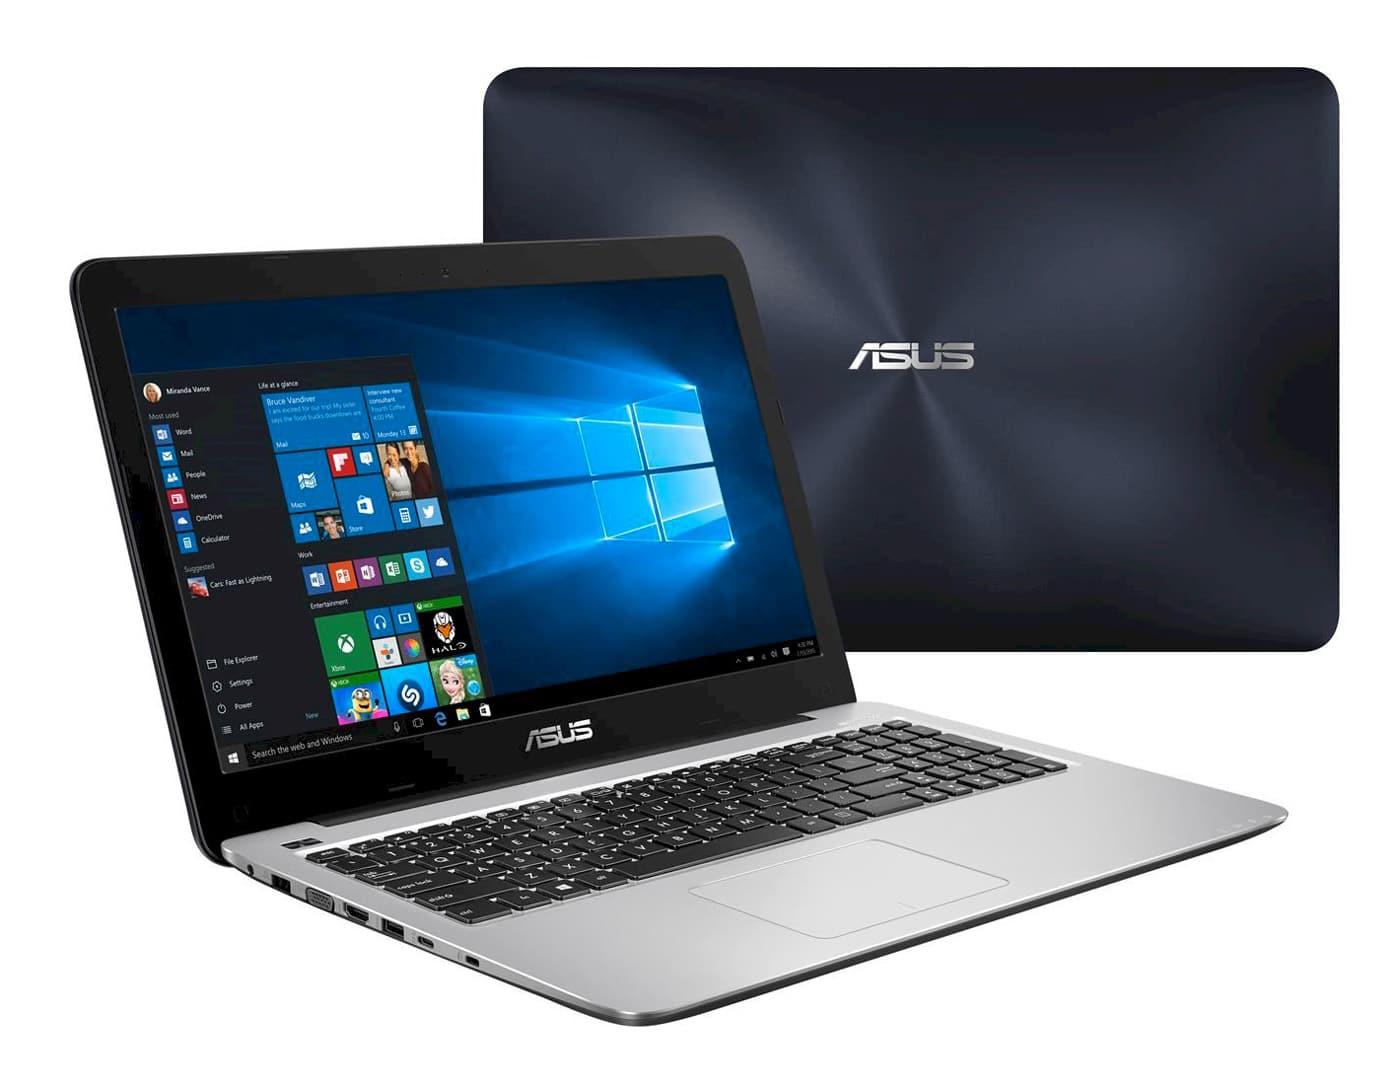 Asus R558UR-DM560T à 799€, PC portable 15 pouces Full SSD Kaby 930MX